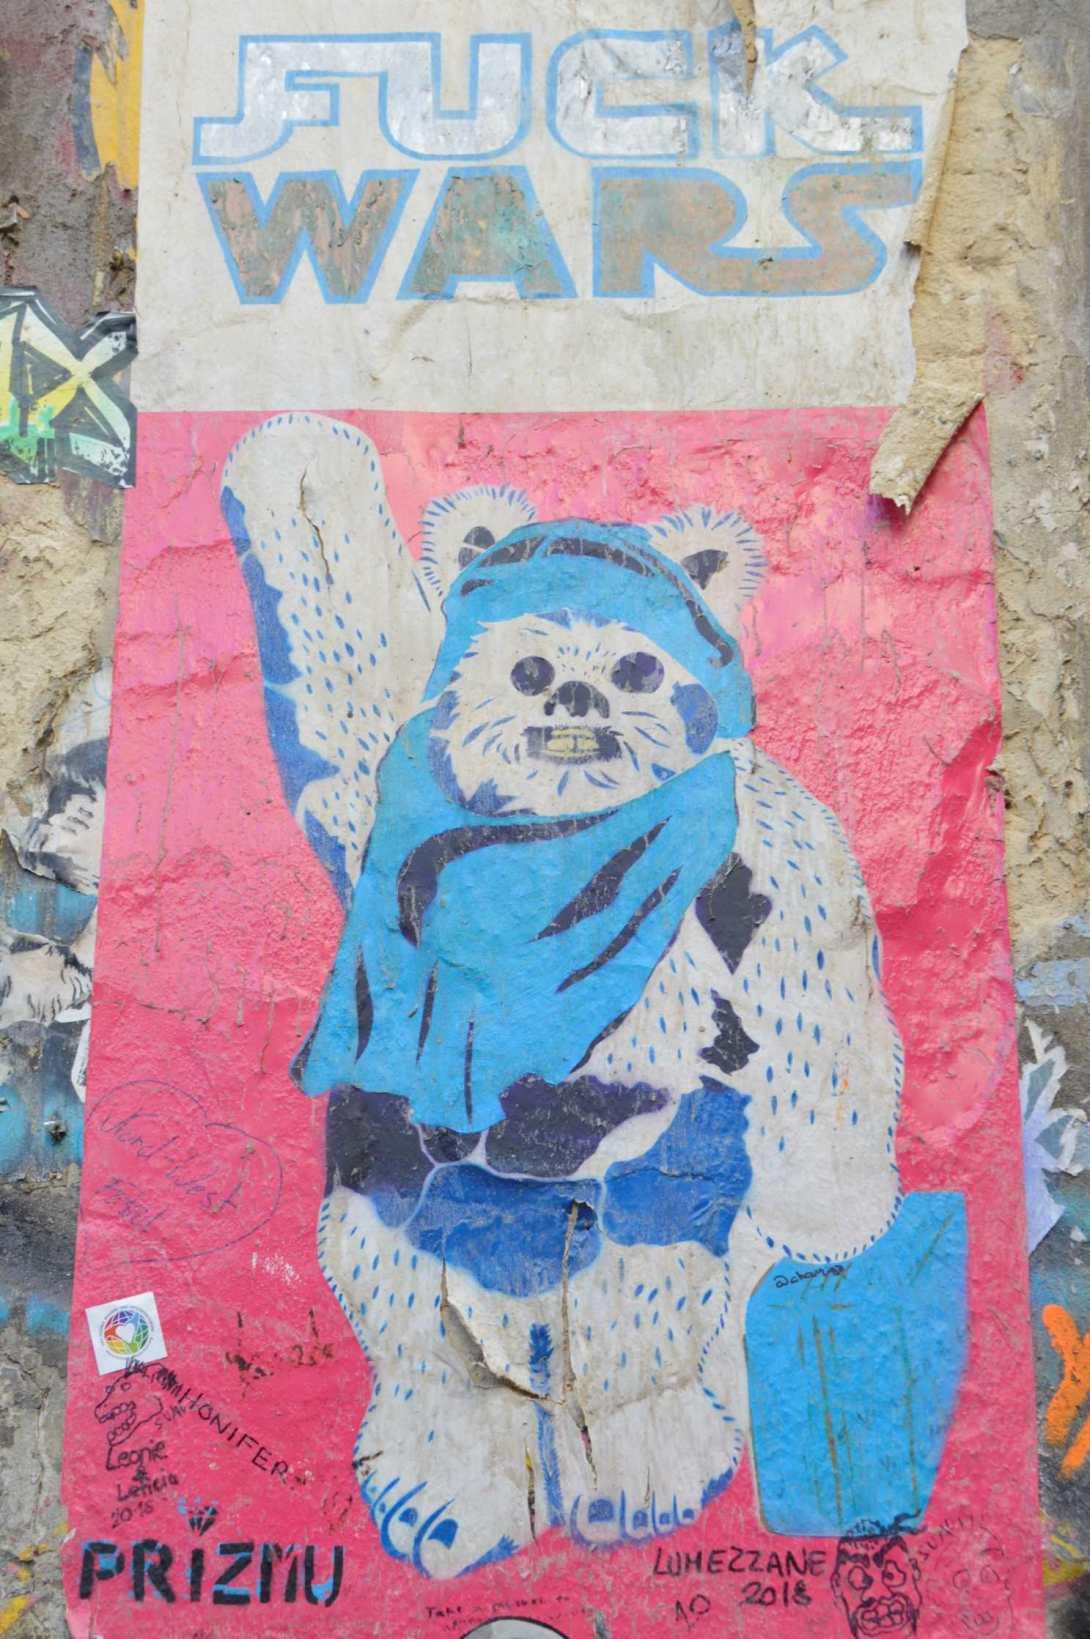 Fuck Wars PRIZMU street art